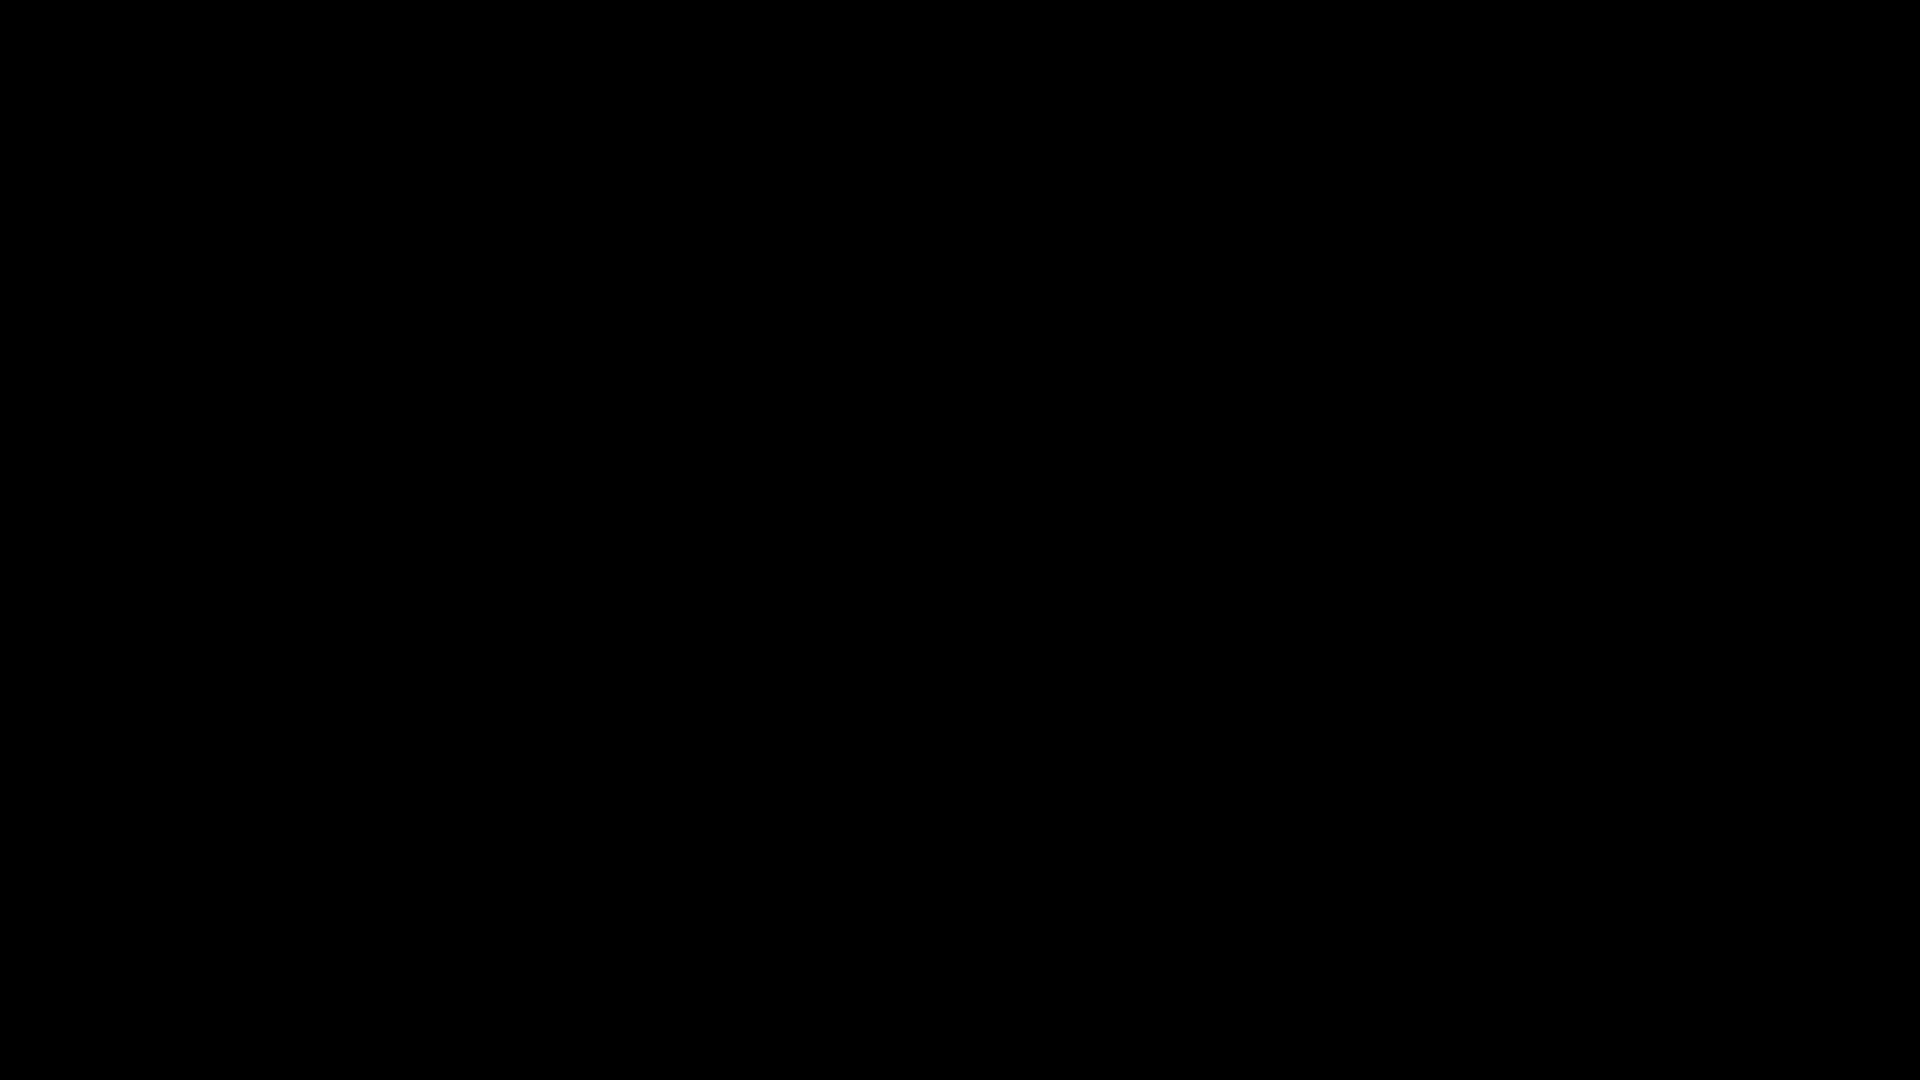 ぎゃんかわ男子のはれんちオナニー vol.09 オナニー | 手コキ アダルトビデオ画像キャプチャ 49pic 13